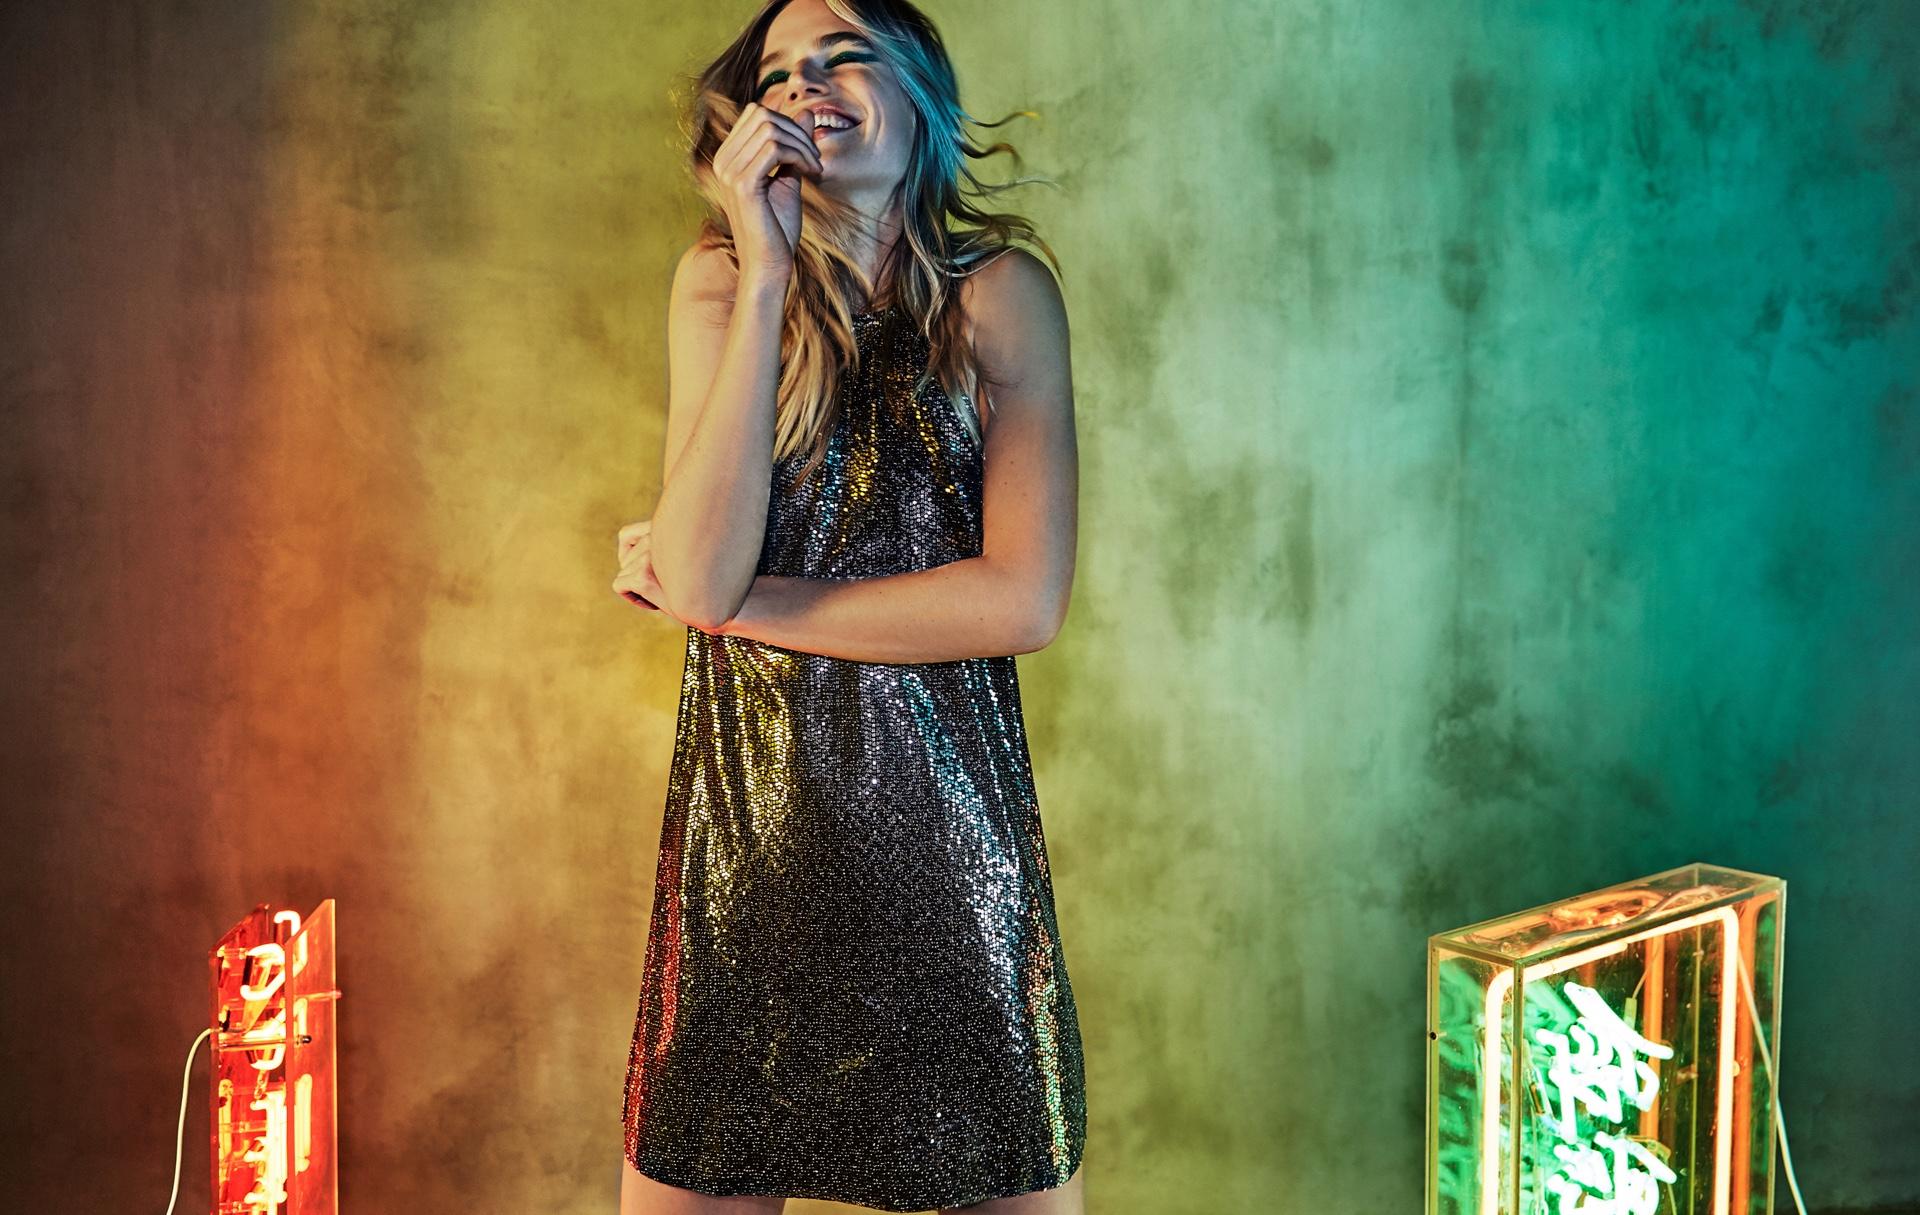 Abiti oro, argento e glitter da indossare a Natale e Capodanno, i più fashion